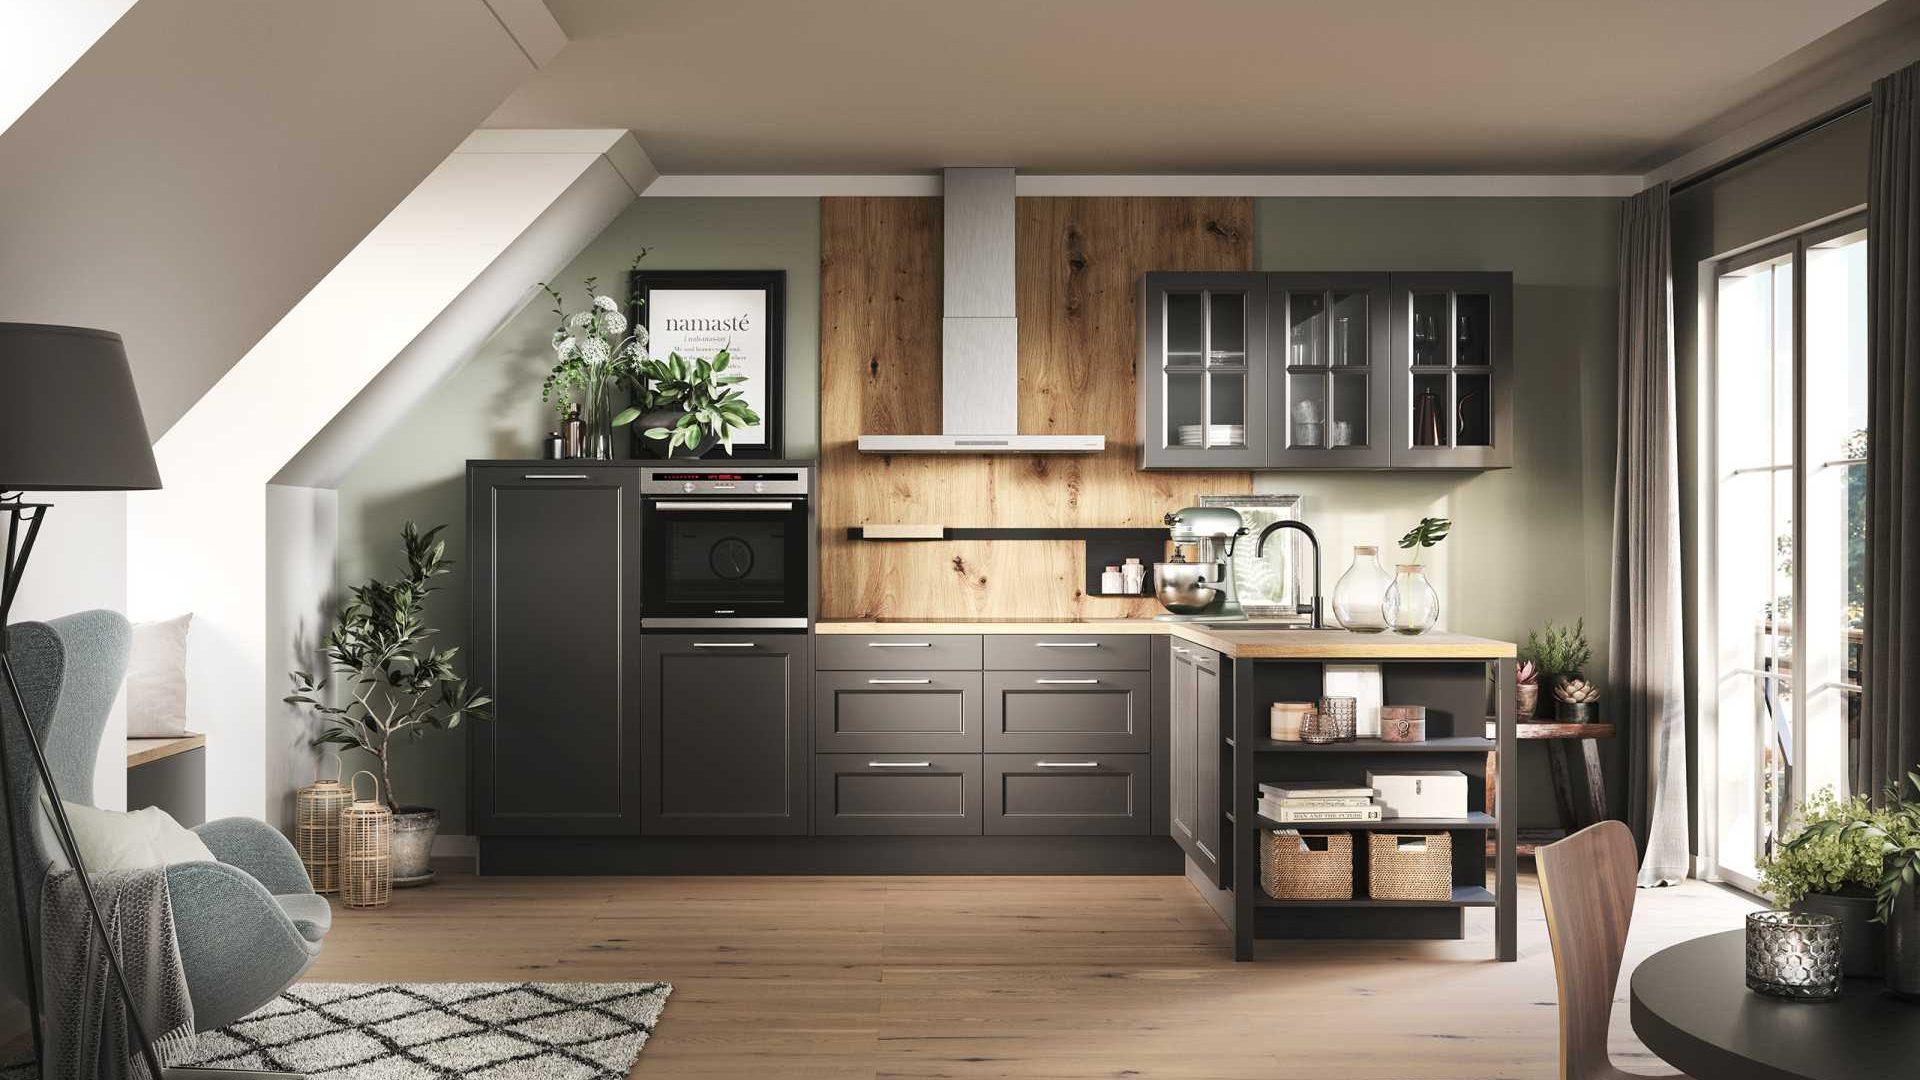 Küche von Häcker im Landhaus Design - Küchentrends 2021